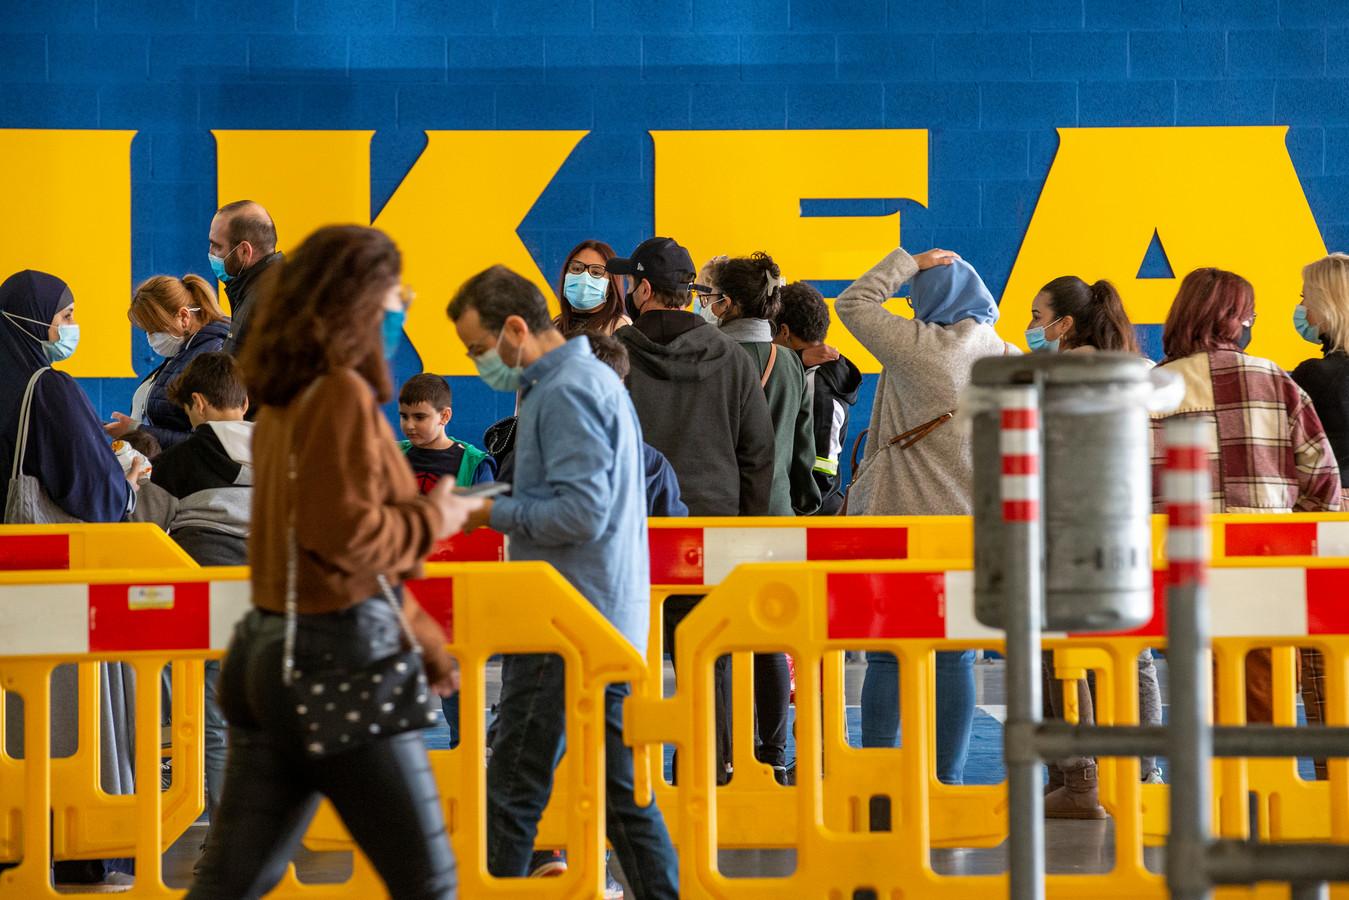 Bij Ikea mag je met maximaal twee personen naar binnen.